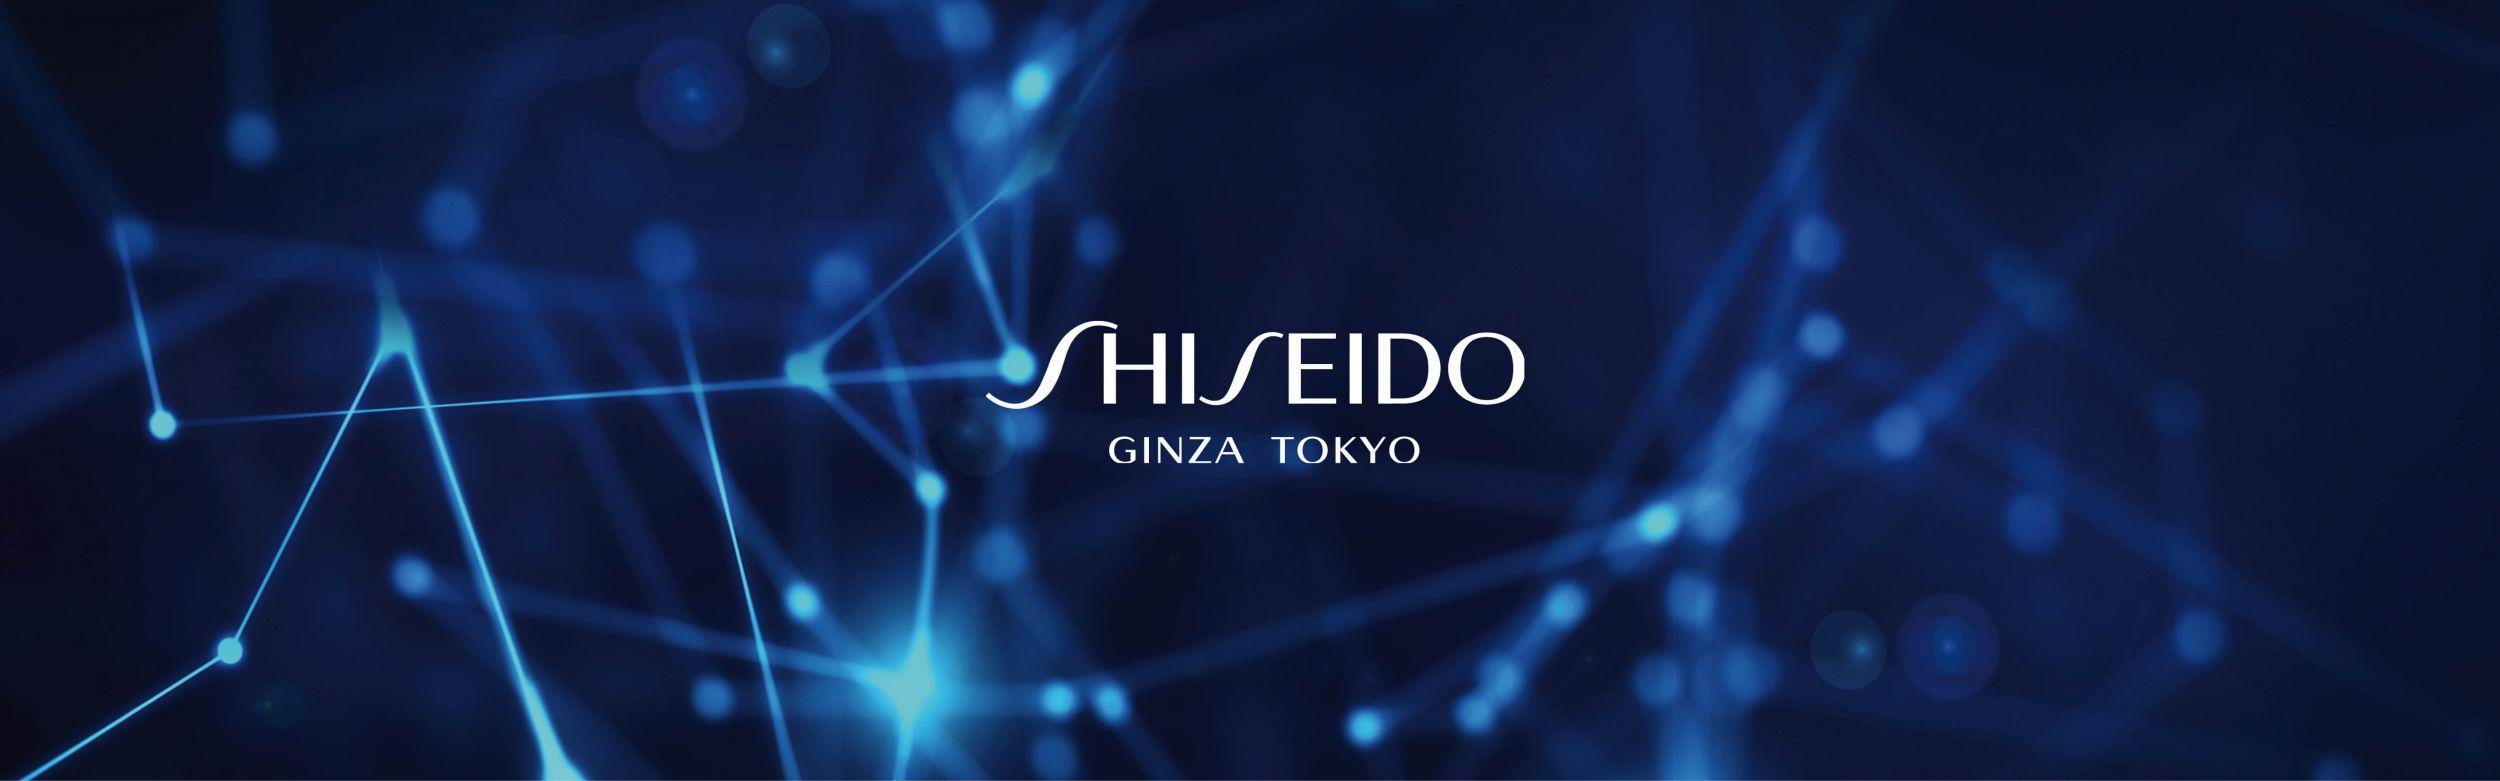 SHISEIDO GINZA TOKYO SHOP ONLINE